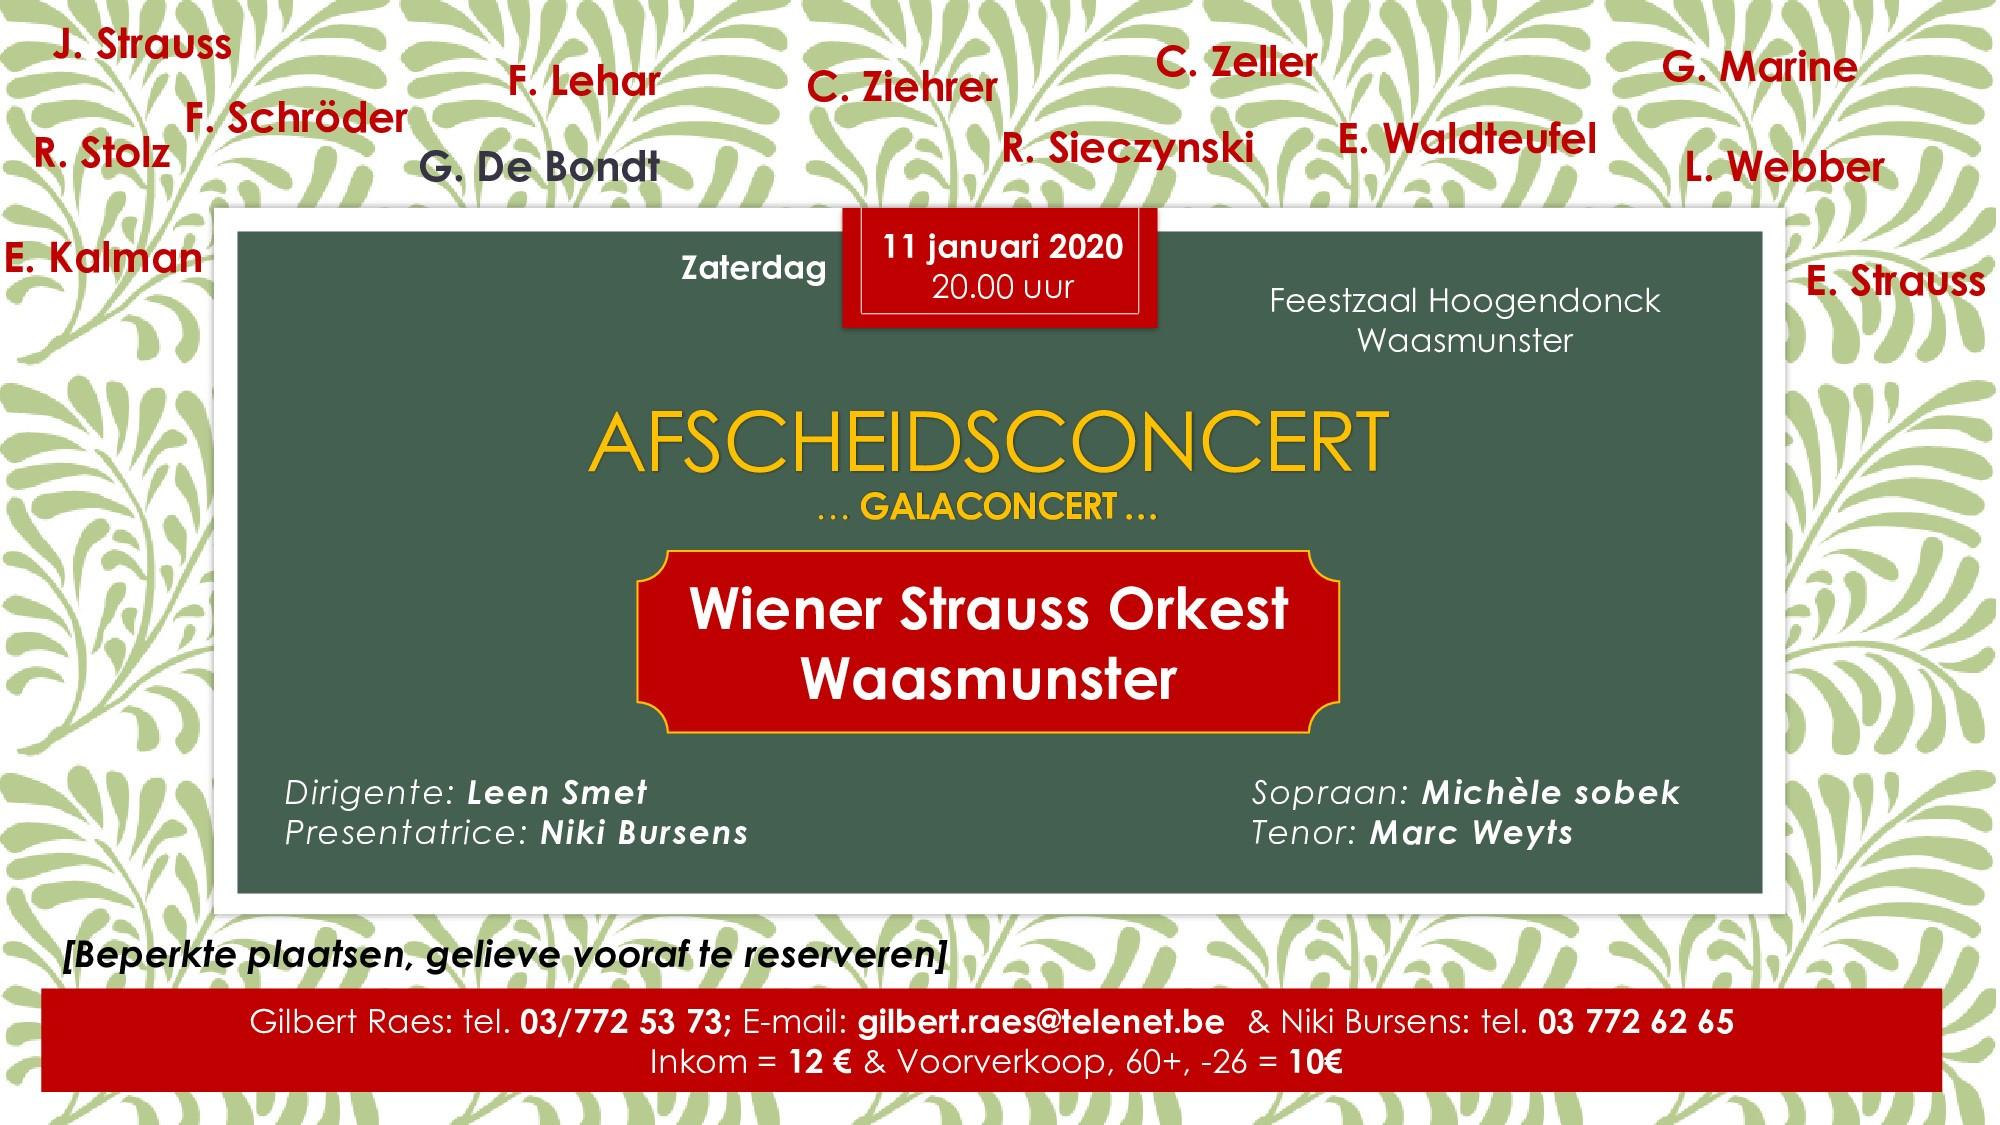 Waasmunsters orkest neemt afscheid met galaconcert